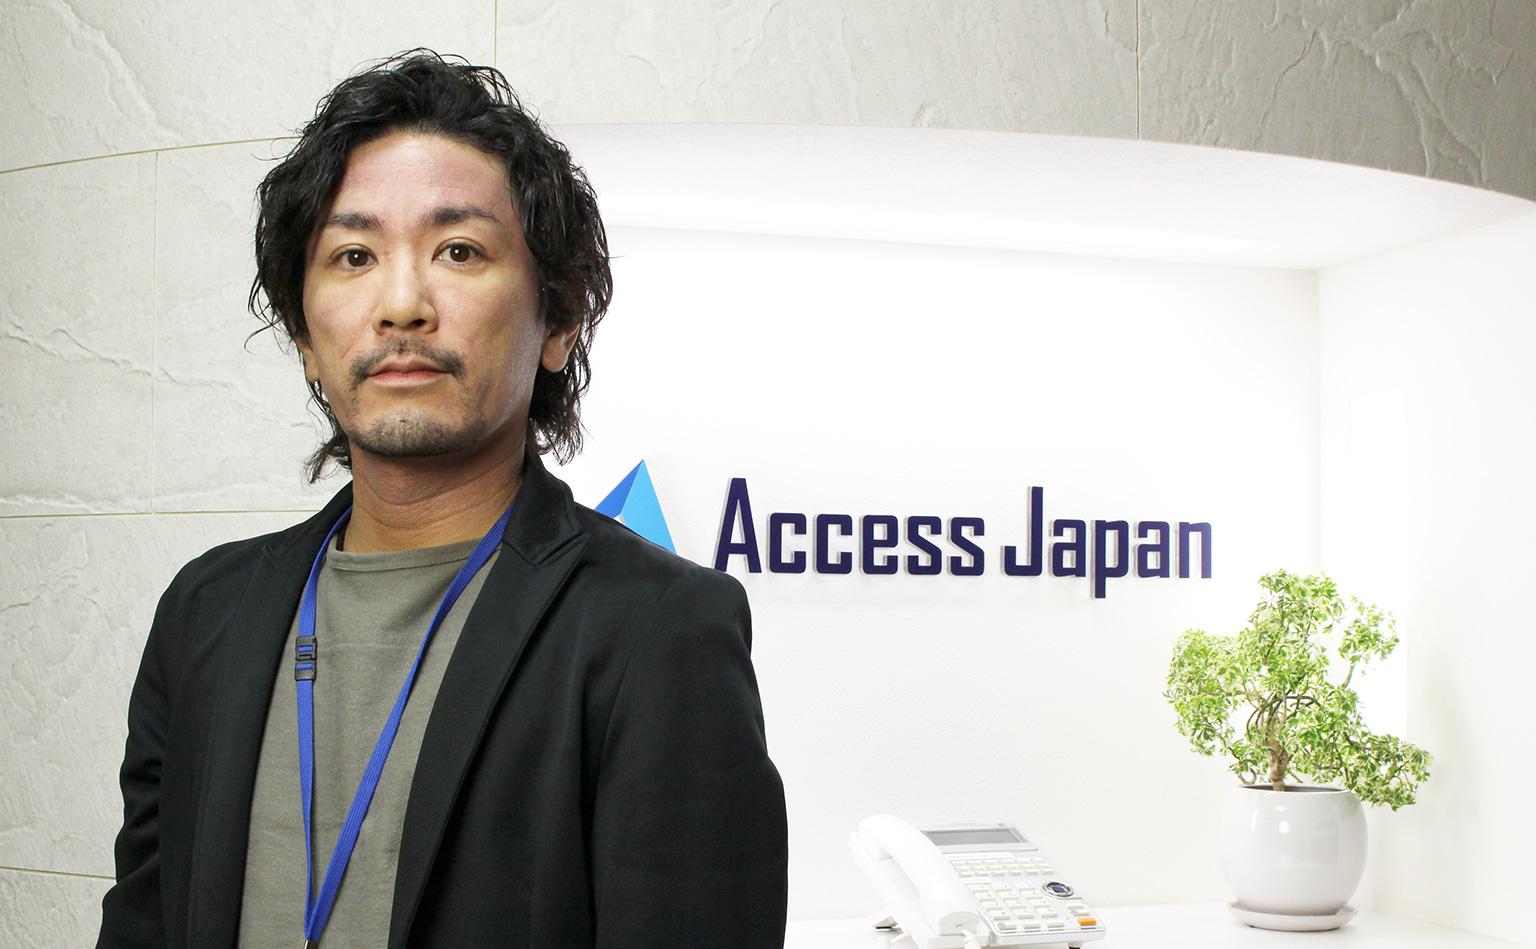 北海道は札幌のSEO対策に強いWebマーケティング会社のアクセスジャパンさん